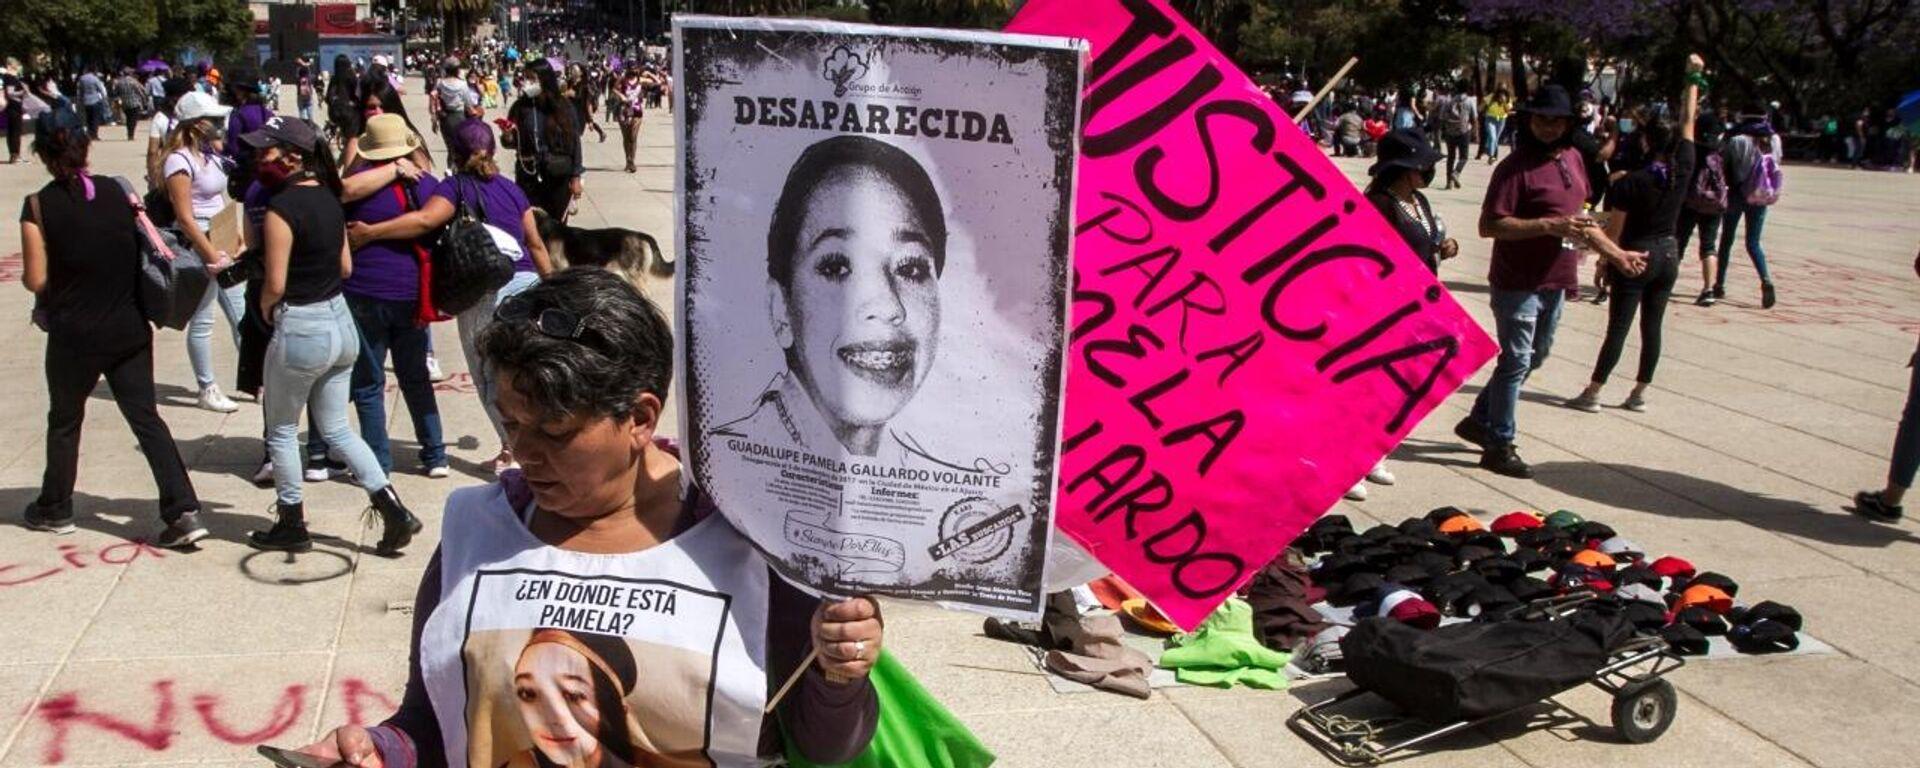 María del Carmen Volante durante la marcha del 8 de marzo del 2021 en la Ciudad de México - Sputnik Mundo, 1920, 09.03.2021